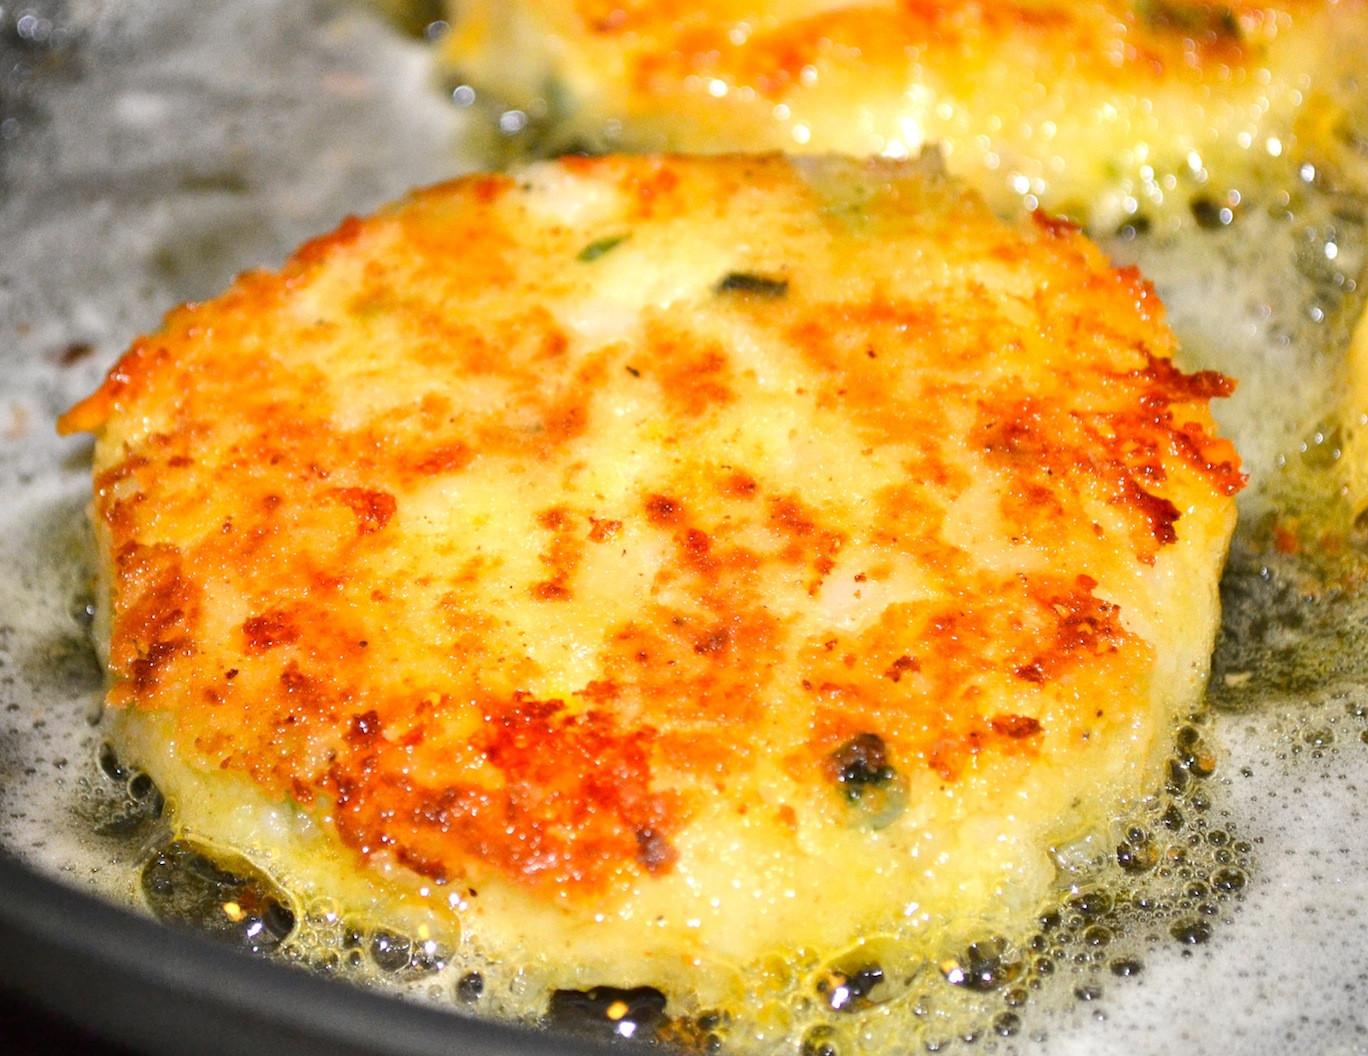 Leftover Mashed Potatoes Recipe  Cheesy Leftover Mashed Potato Pancakes By freerecipenetwork